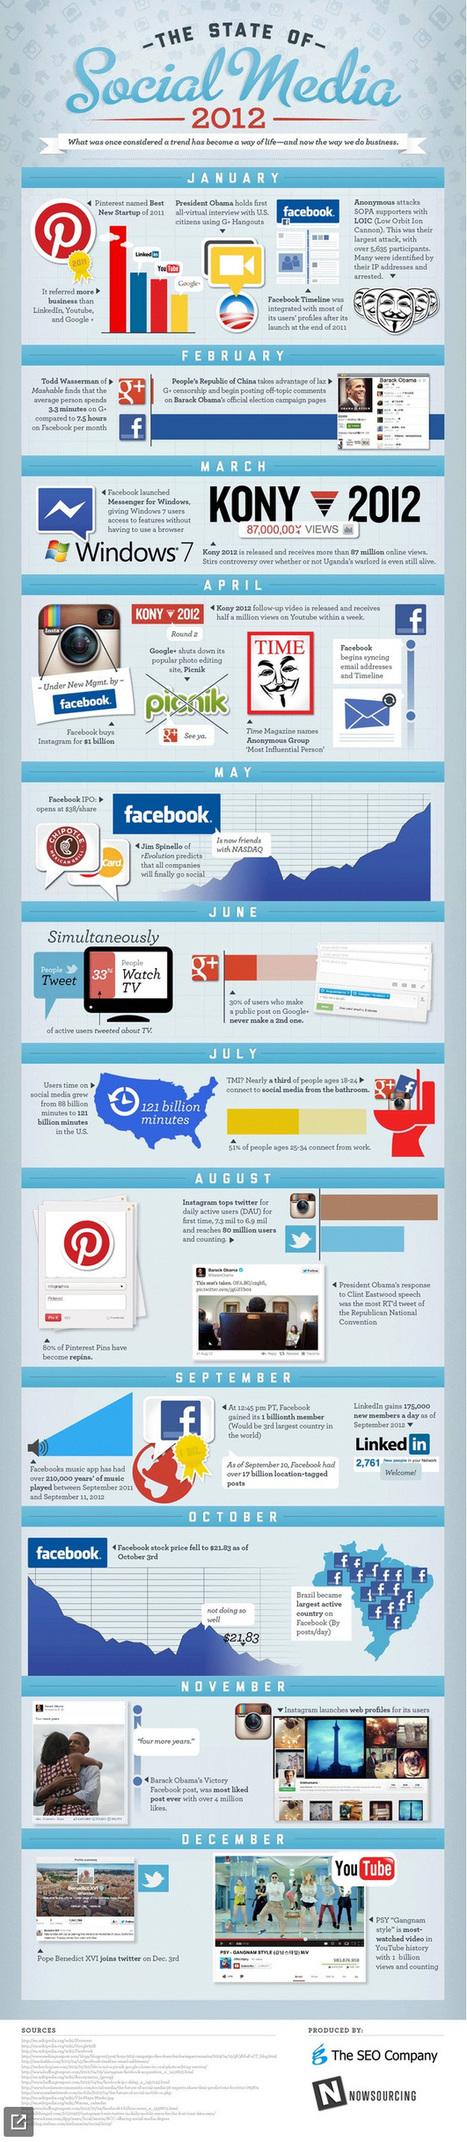 Lo más importante de la Social Media en el 2012 - Lukor | TIC Y FORMACIÓN | Scoop.it